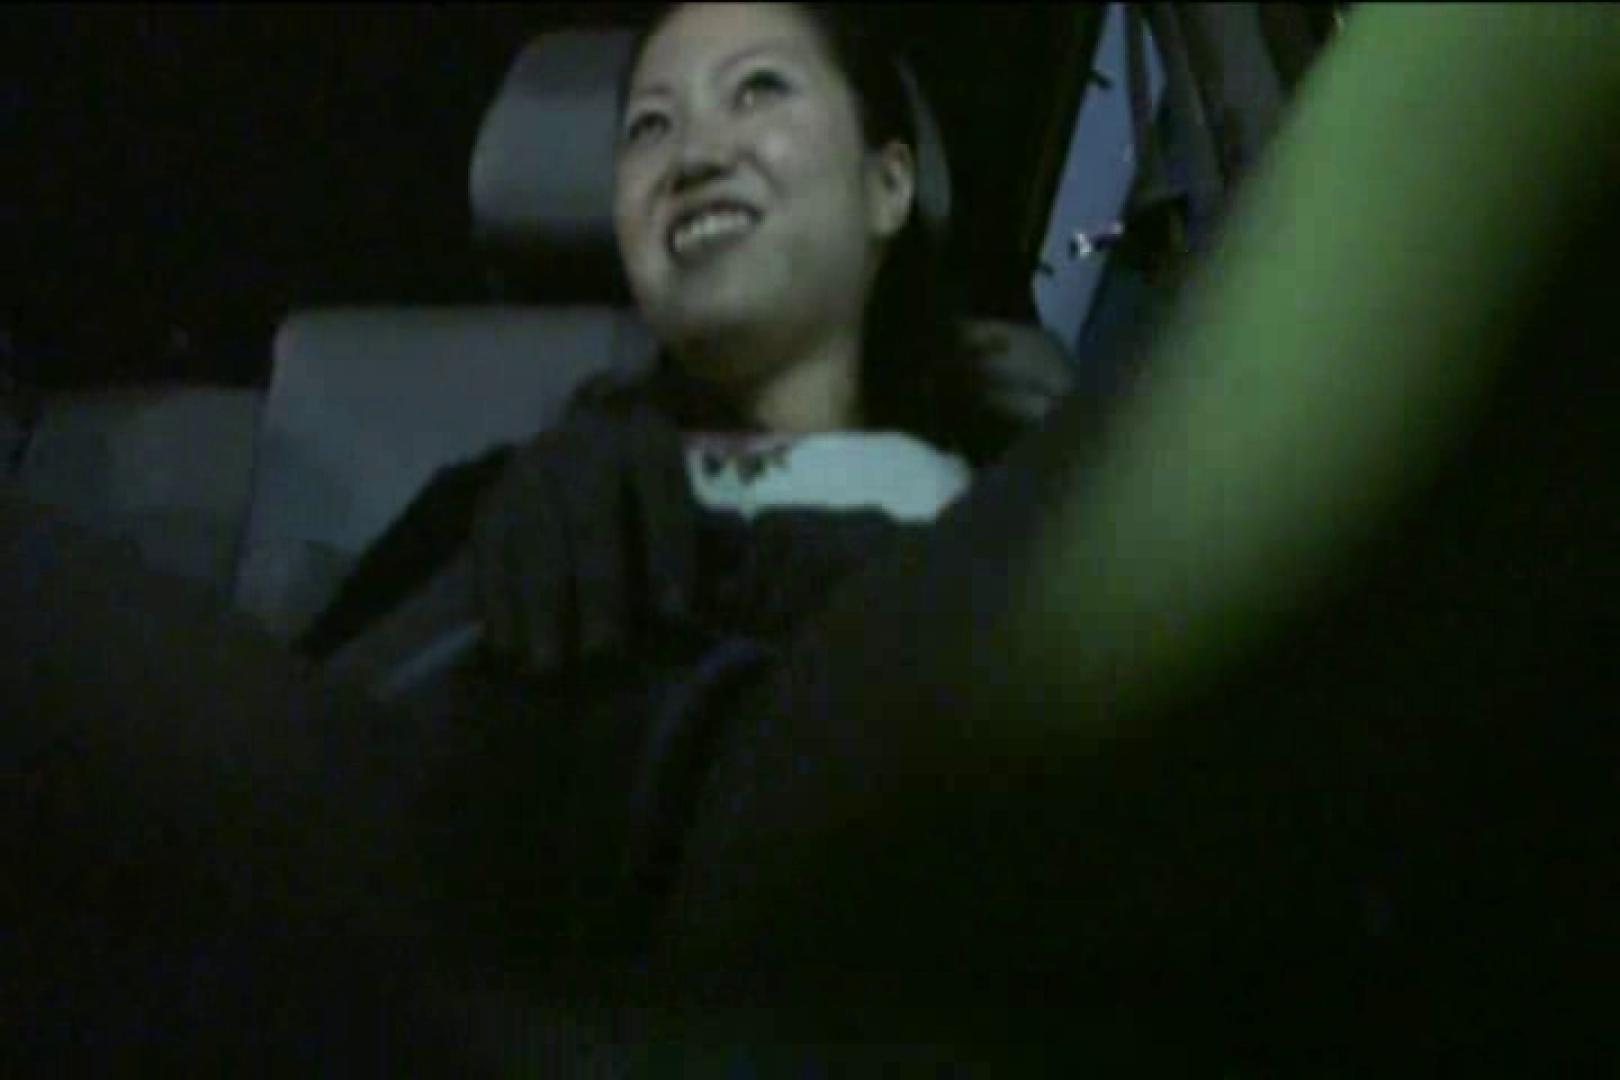 車内で初めまして! vol01 出会い系 えろ無修正画像 102PIX 95